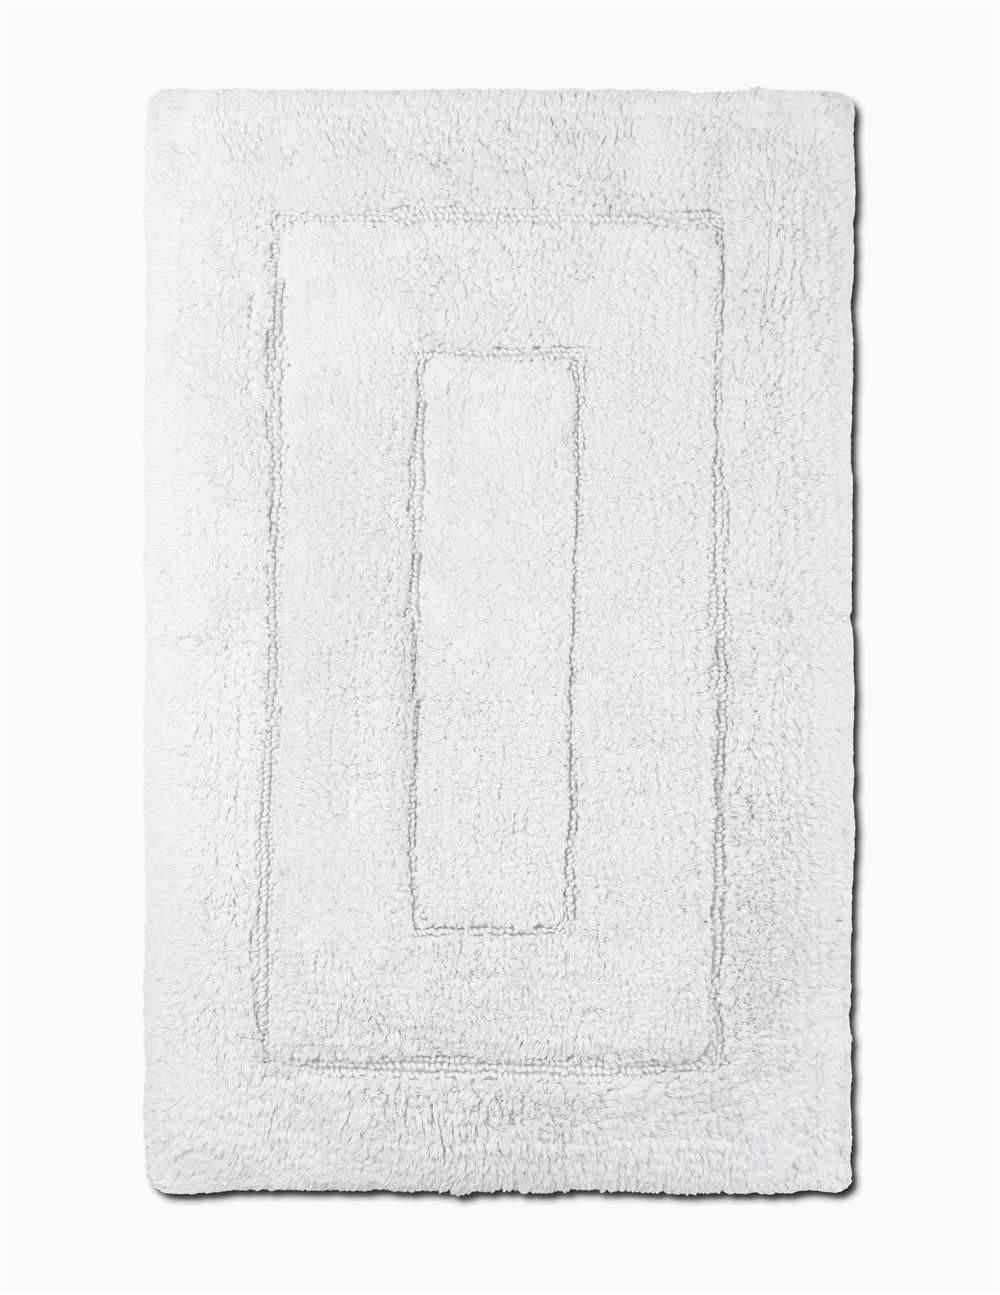 Bliss BathRug White 9d e5e5 4d6b 9aa8 6418b5441ba3 1600x